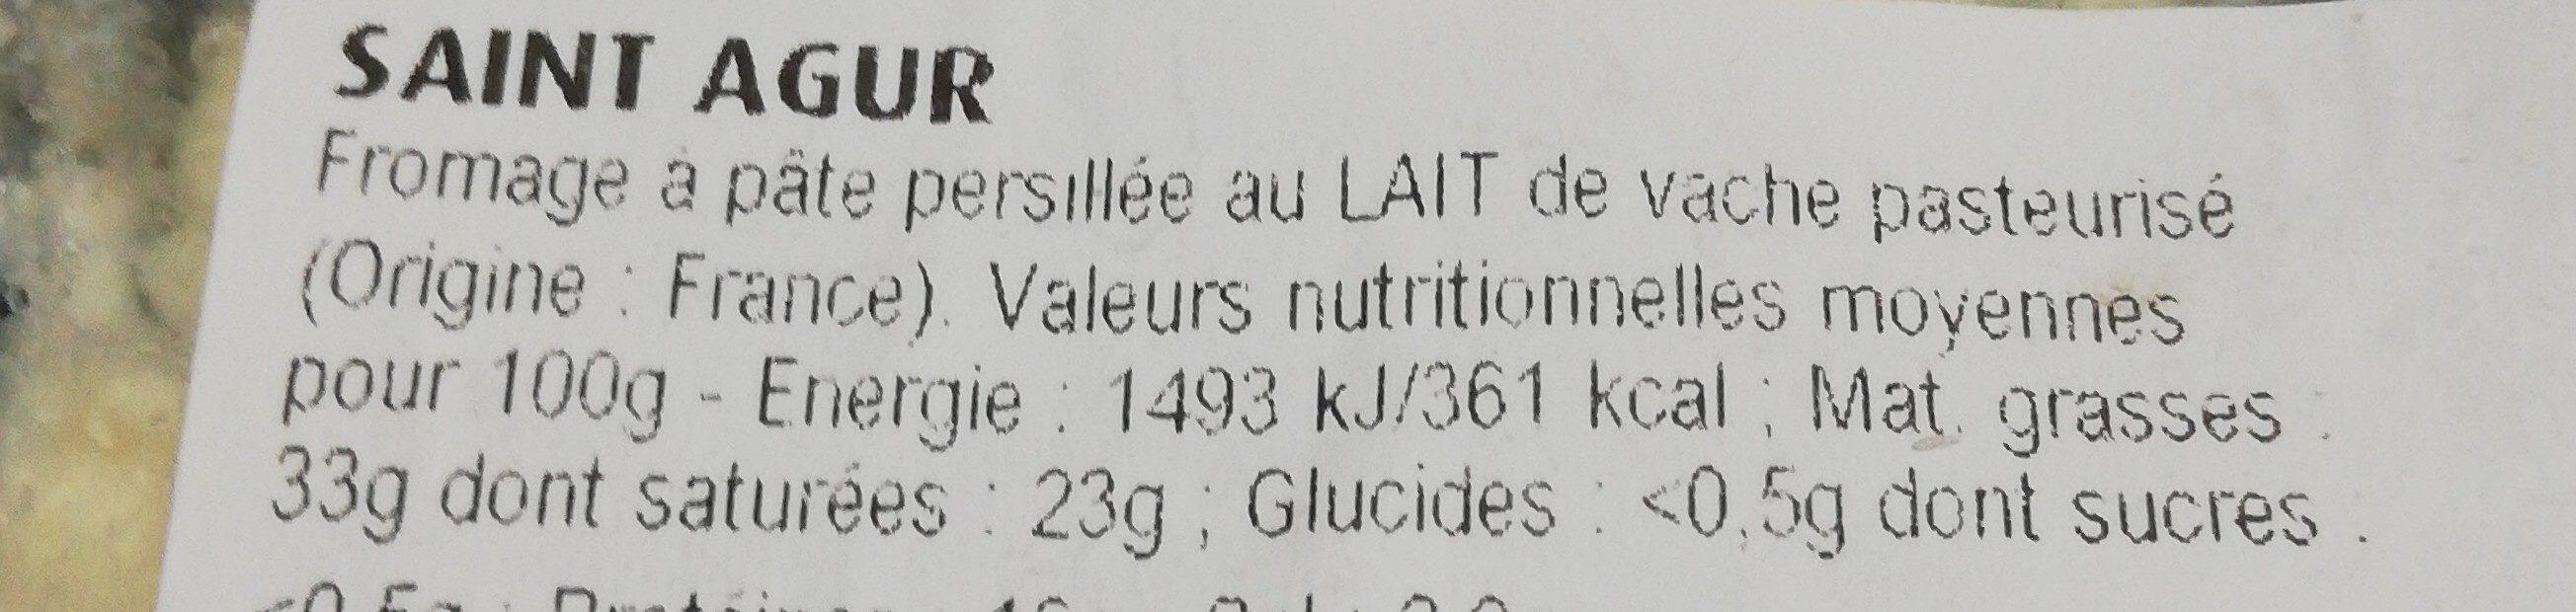 Fromage bleu - Ingrédients - fr